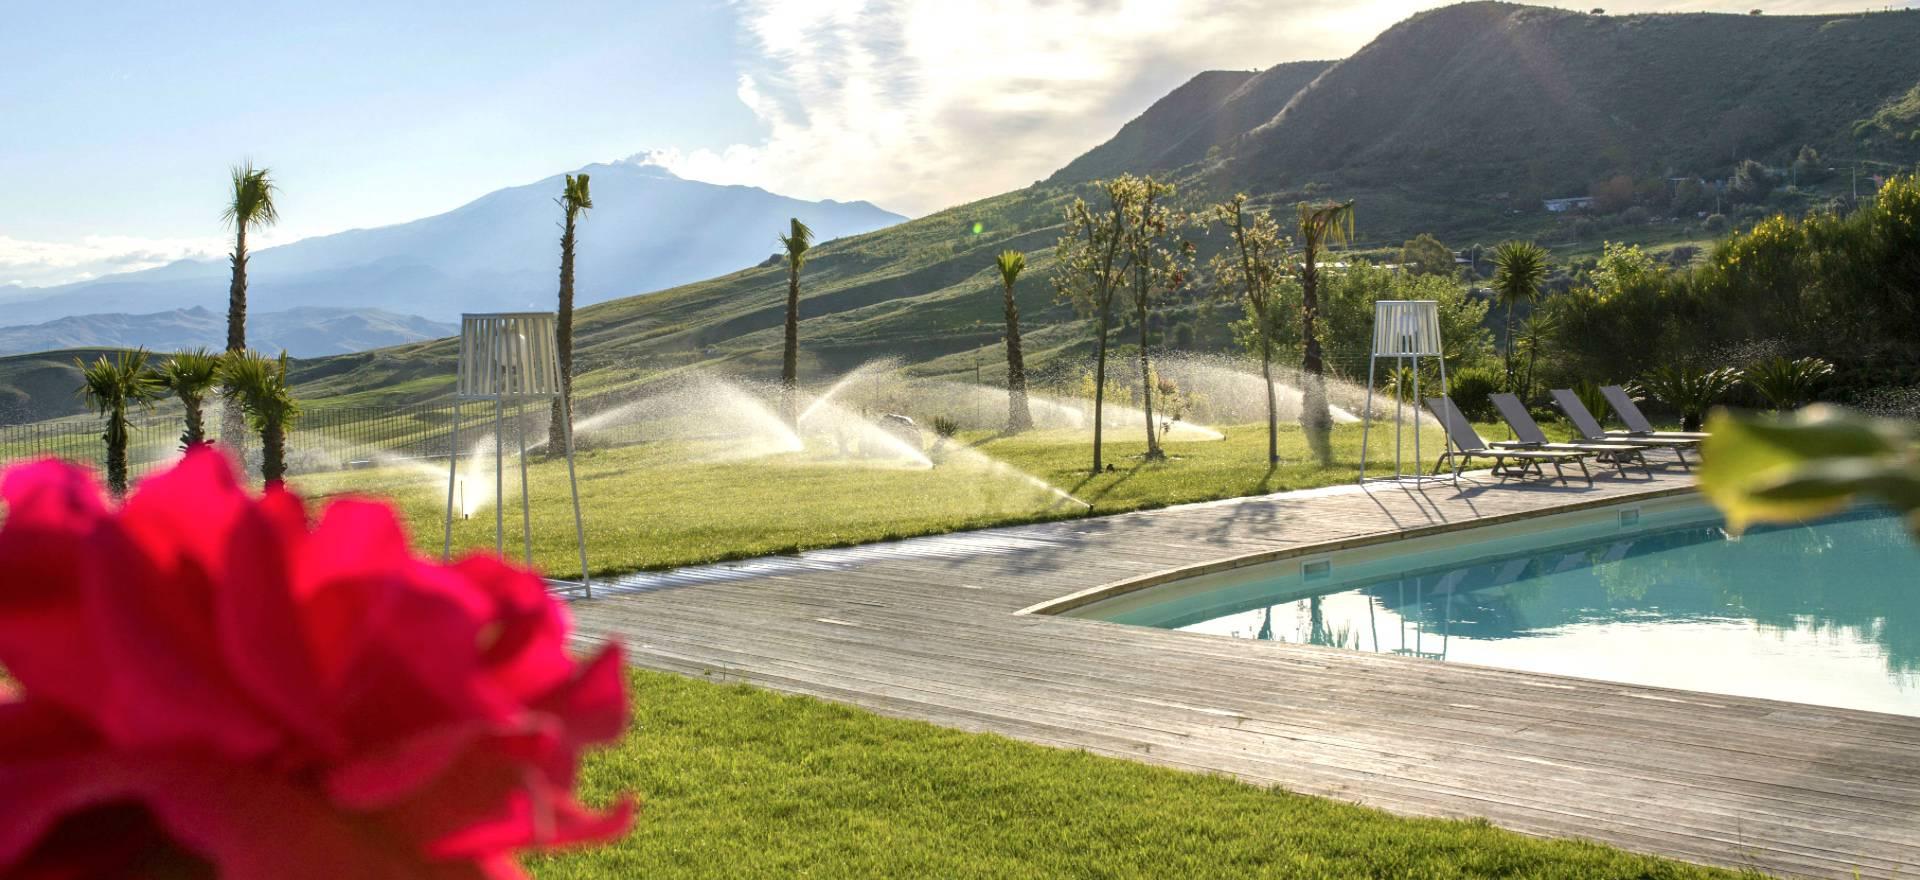 Agriturismo met uitzicht op de Etna